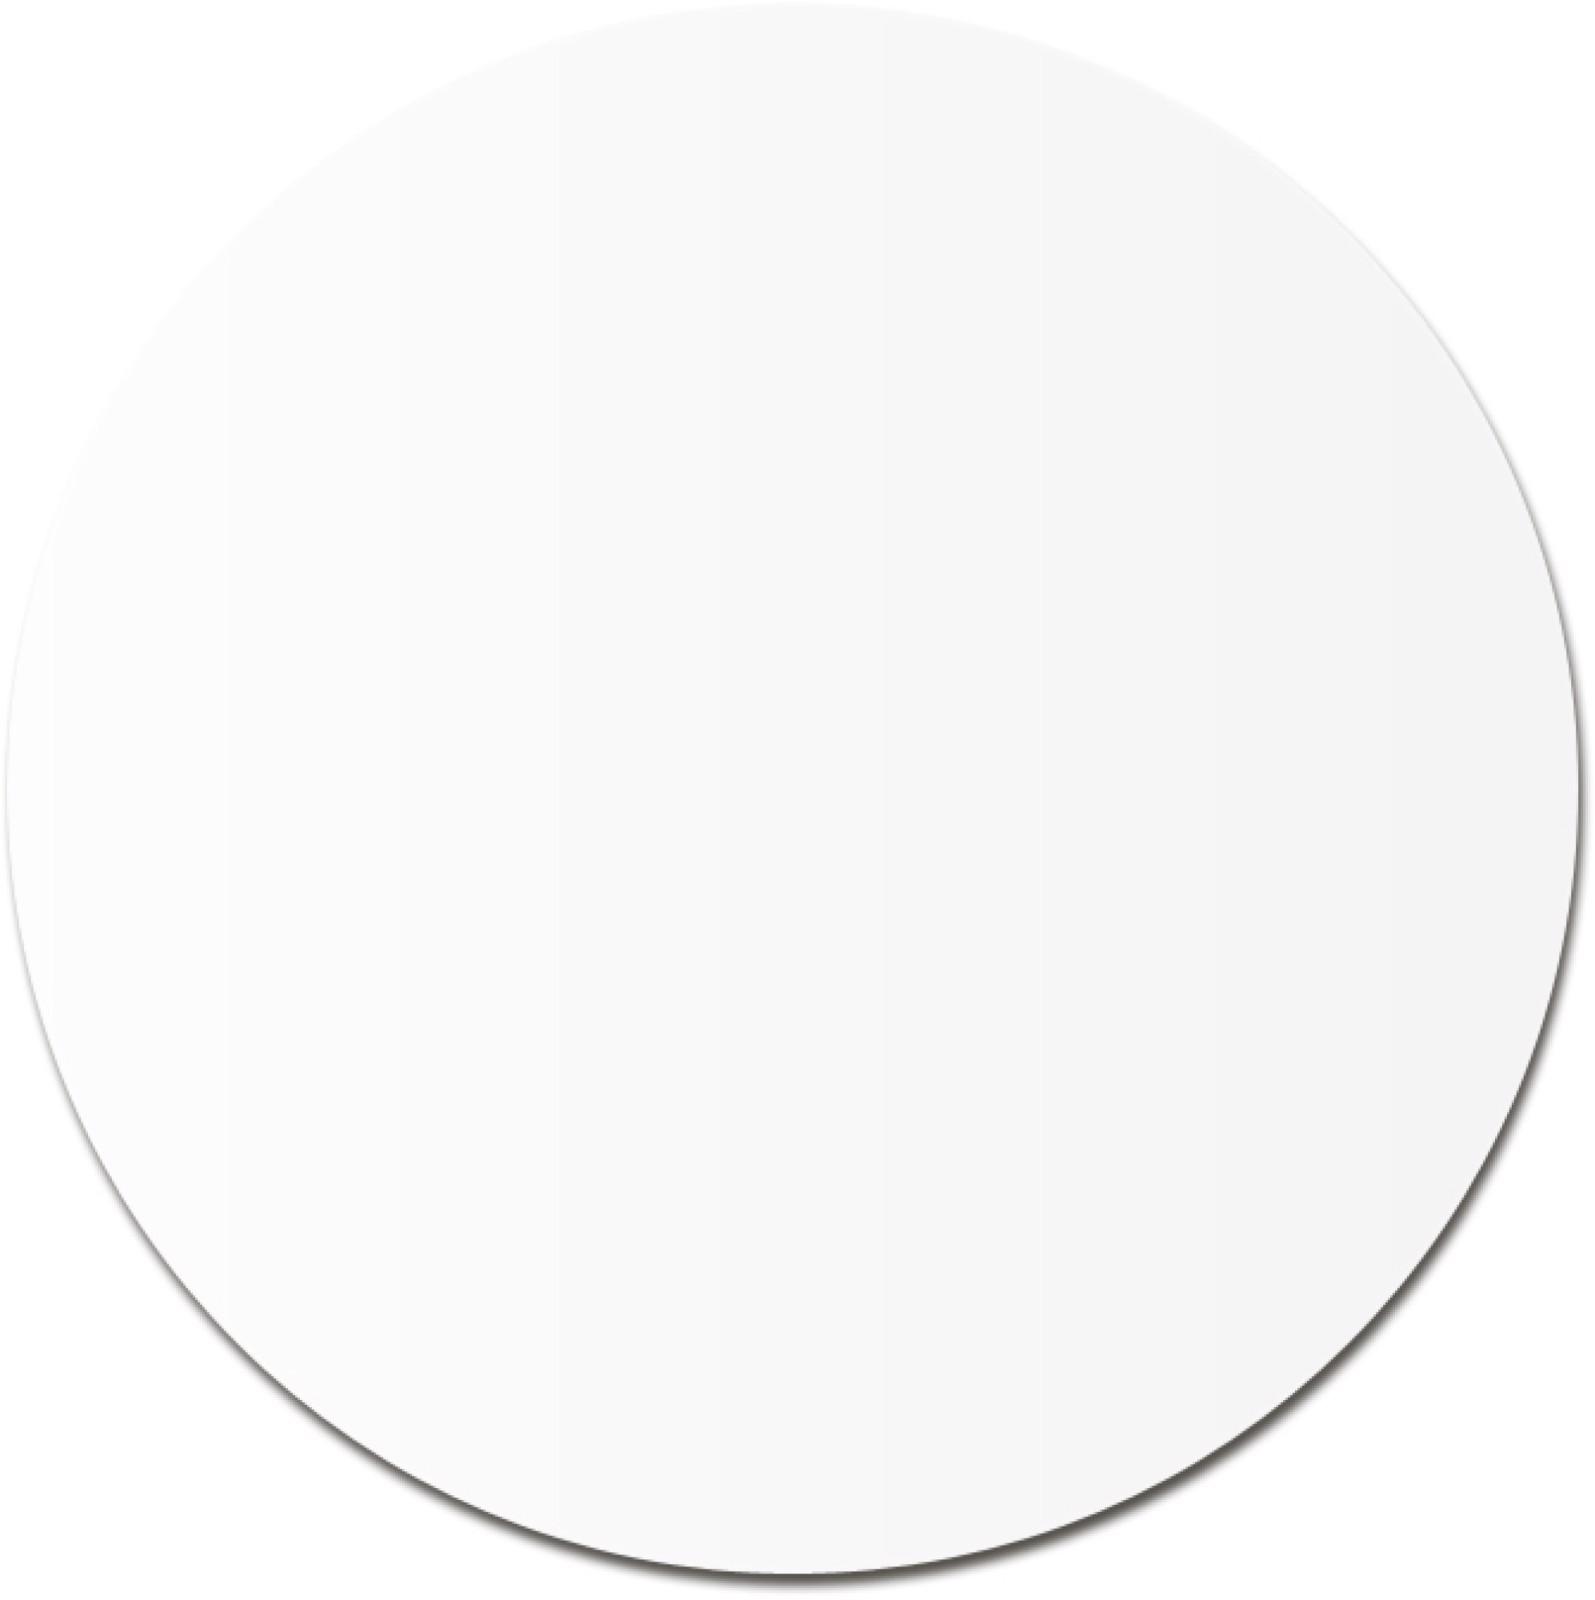 Paper insert for item 5159